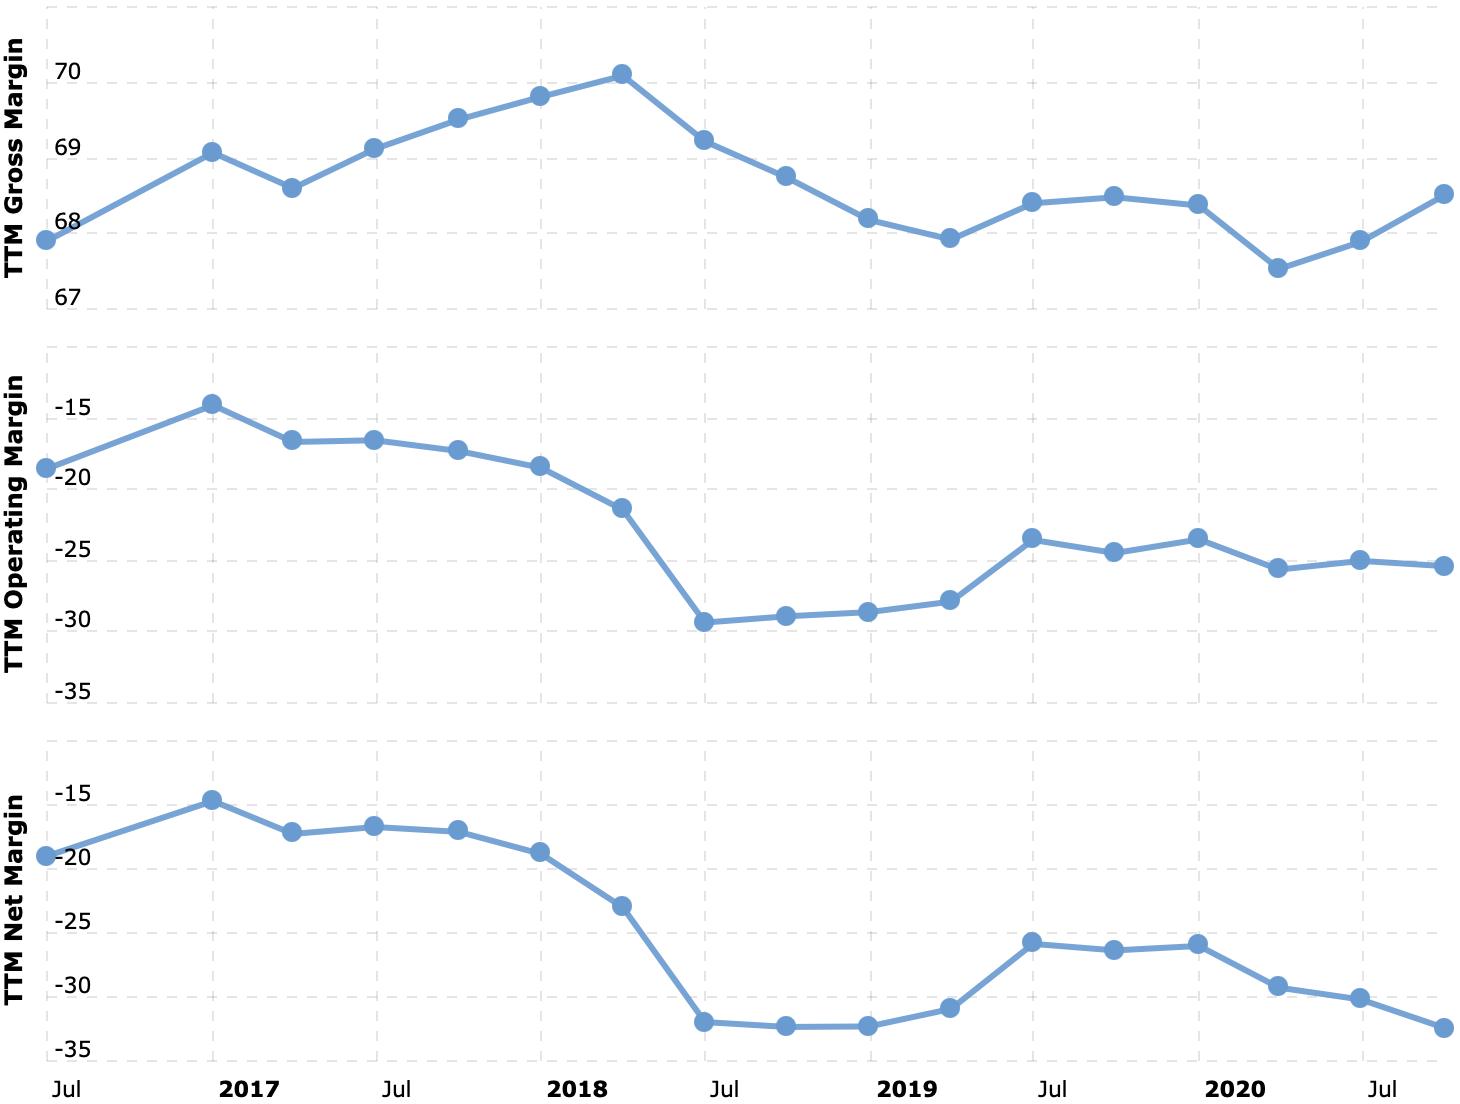 Валовая маржа, операционная маржа, итоговая маржа в процентах от выручки. Источник: Macrotrends